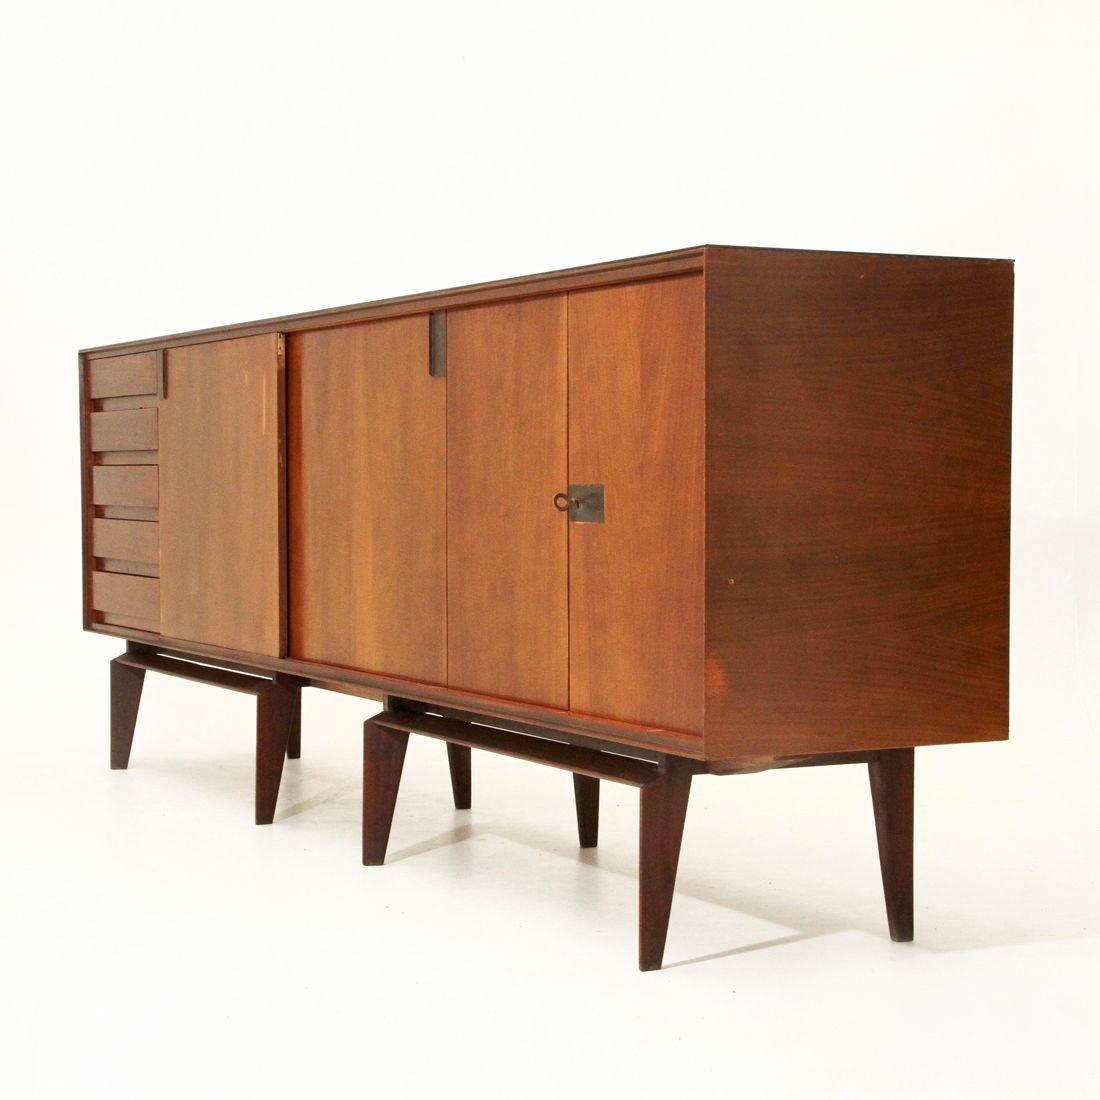 palisander sideboard by edmondo palutari for dassi 1950s. Black Bedroom Furniture Sets. Home Design Ideas